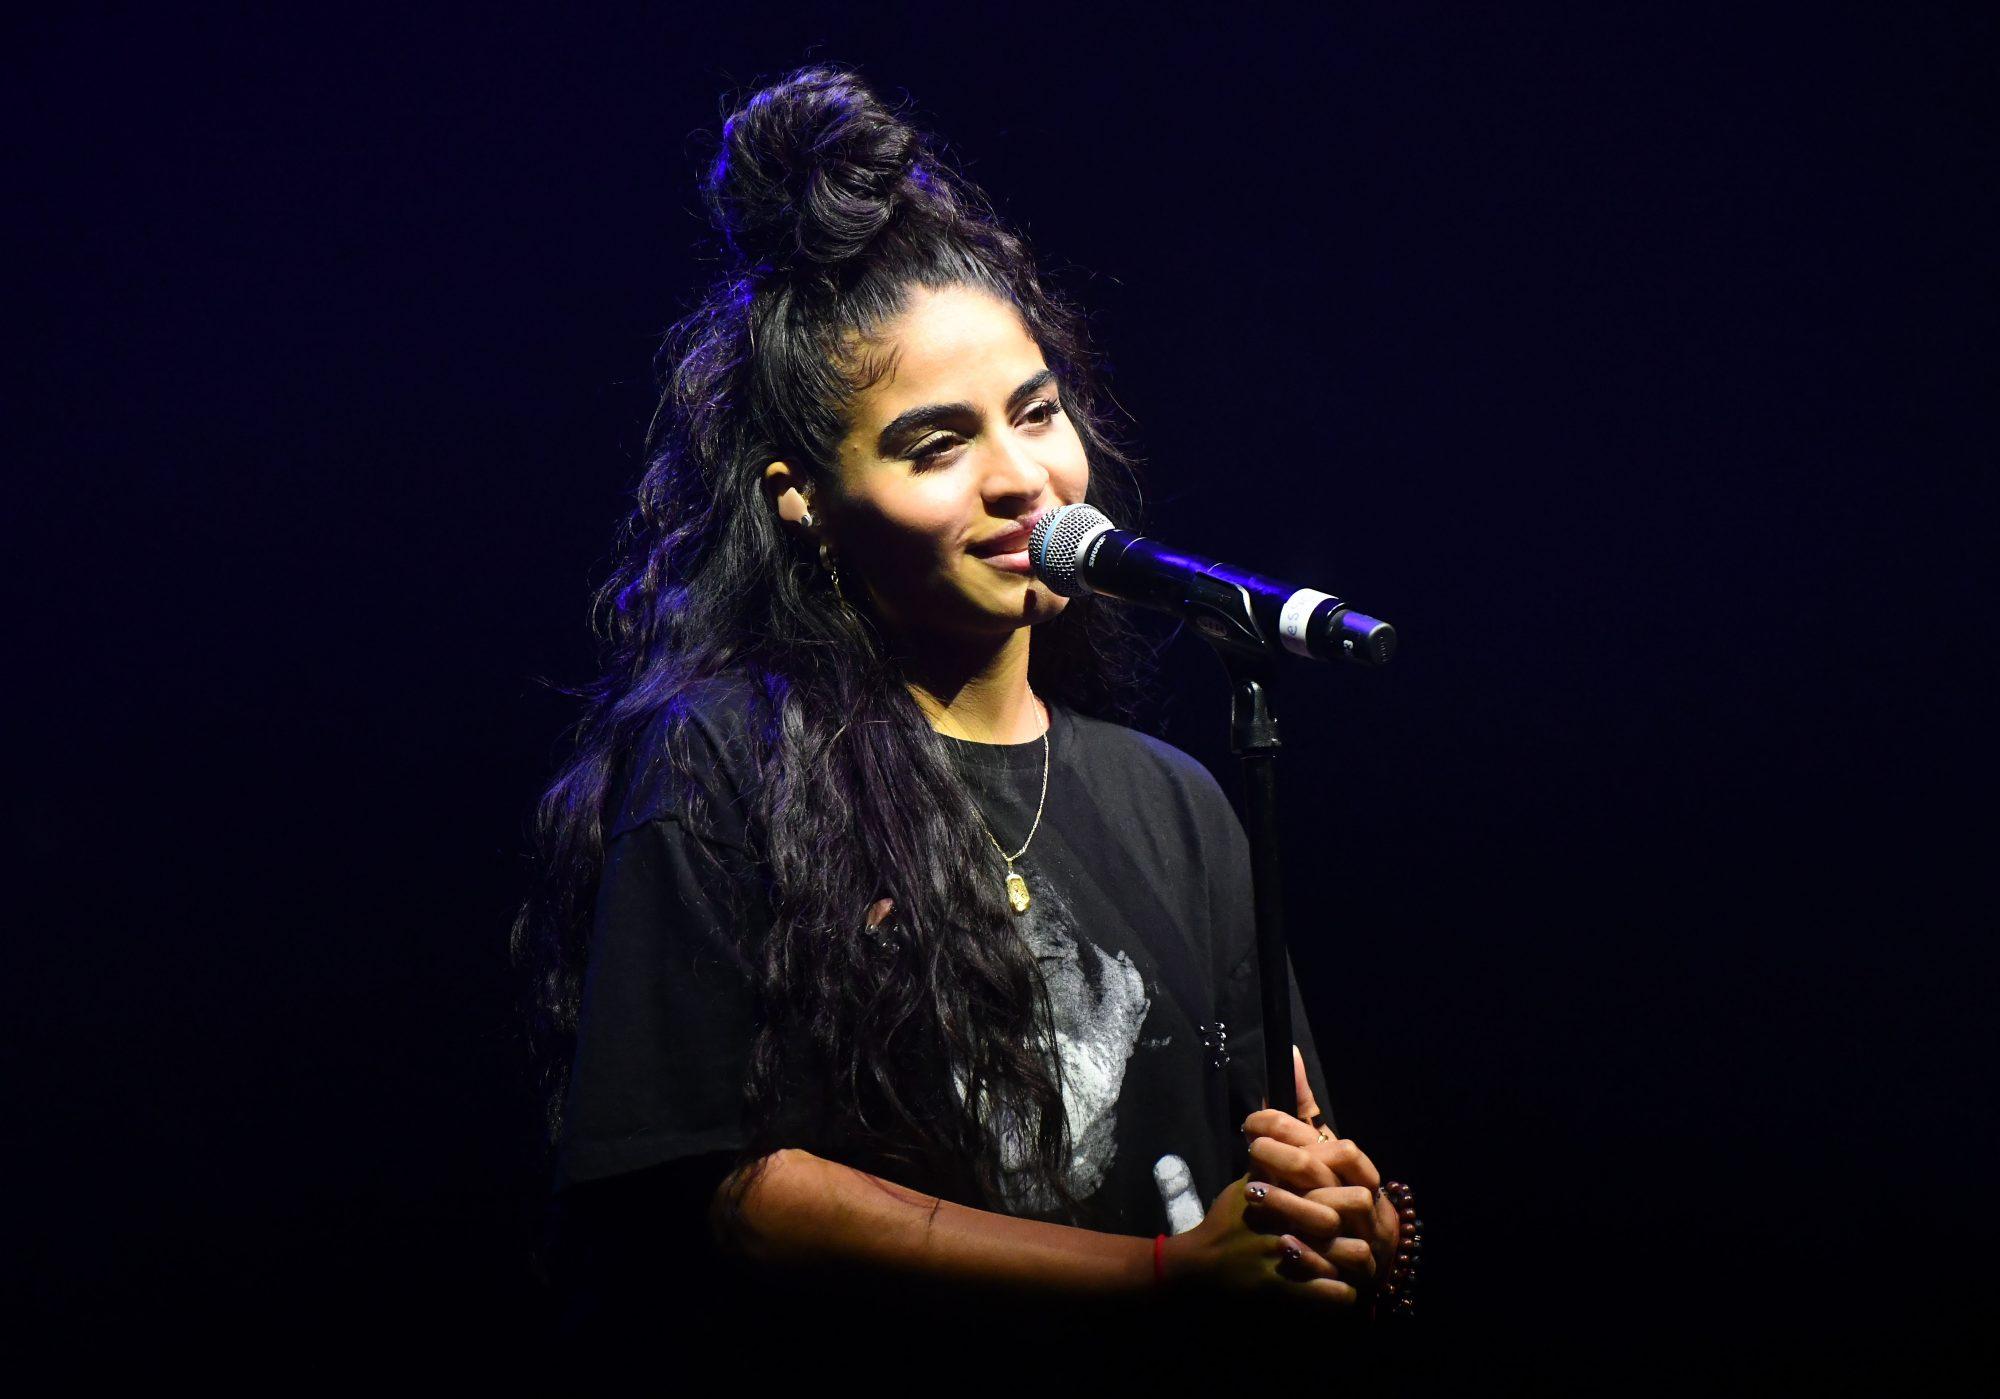 Jessie Reyez Performs At The Wiltern